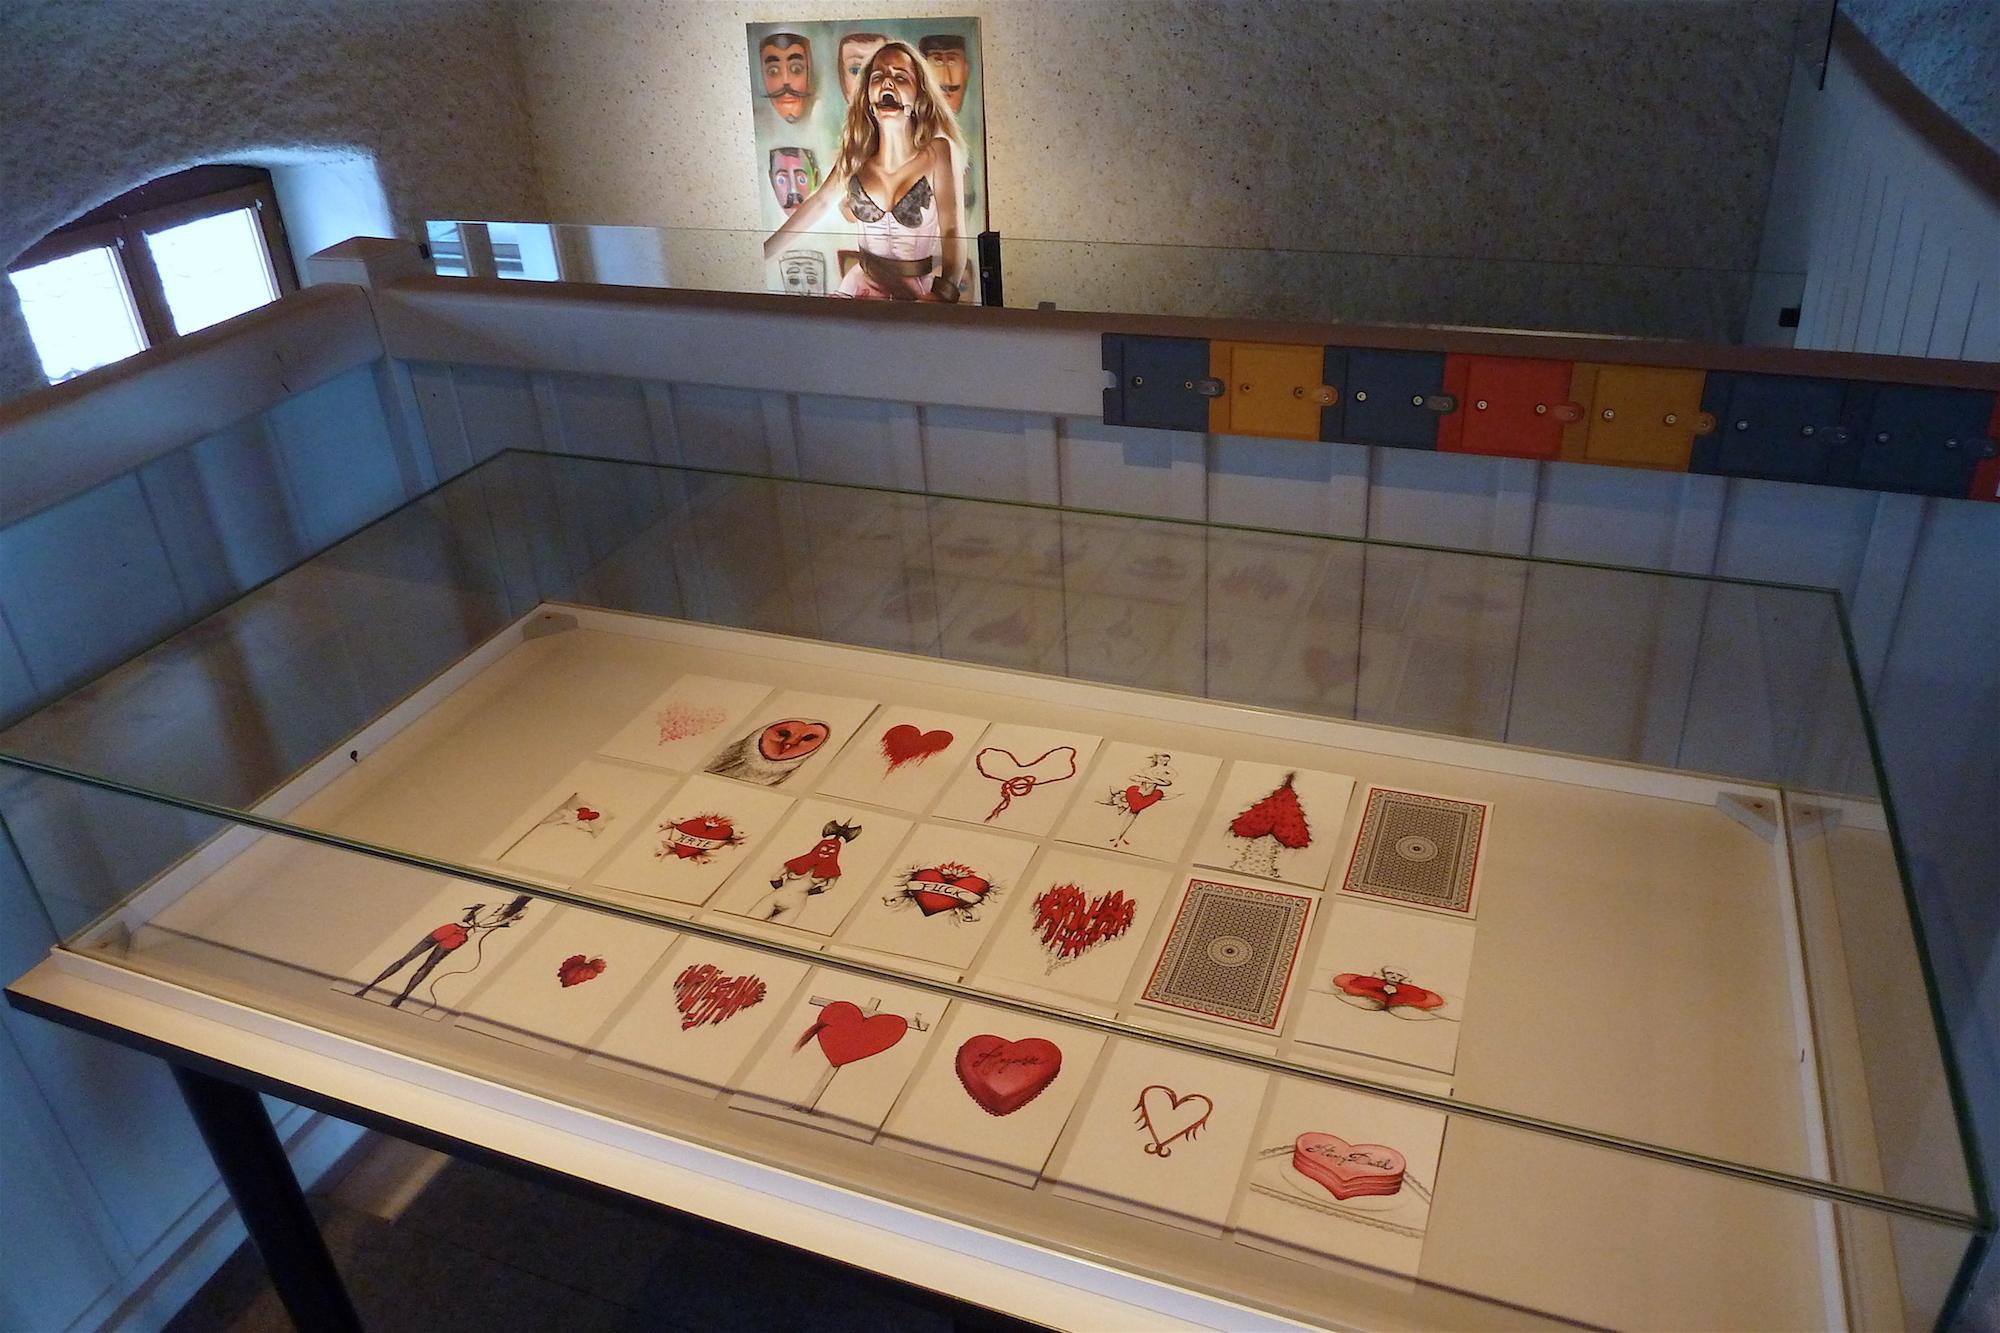 """Exposition """"Ecce homo ludens. Saison suisse"""", Musée Suisse du Jeu, La Tour de Peilz, octobre 2011-février 2012"""